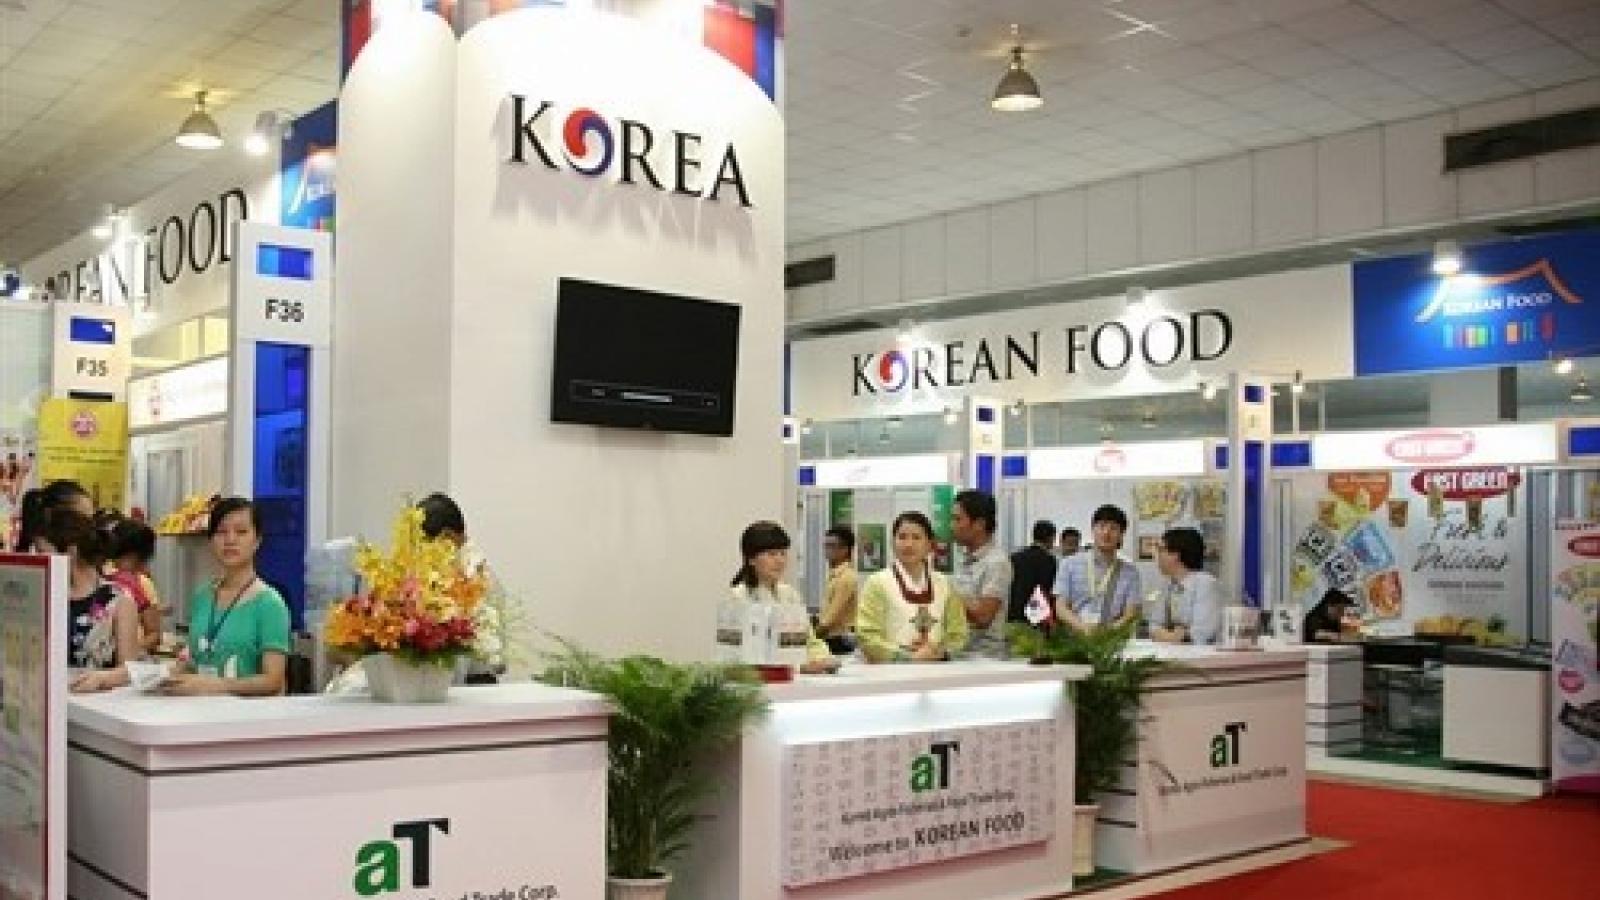 ROK processed food industry bullish on Vietnam